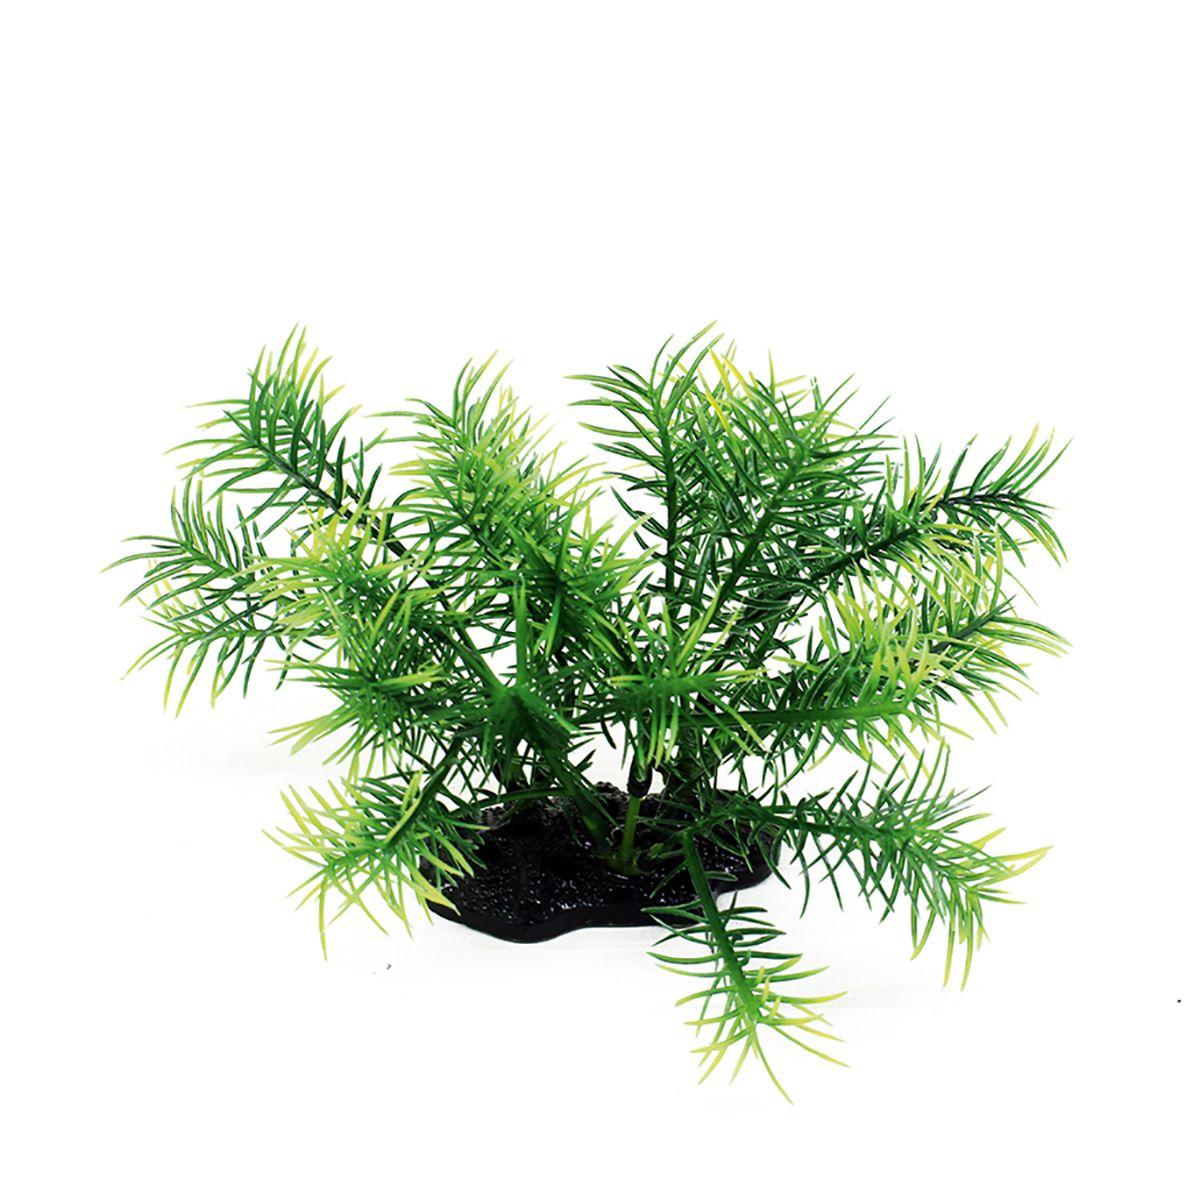 Растение для аквариума ArtUniq Погостемон Эректус, высота 10-12 смART-1192124Растение для аквариума ArtUniq Погостемон Эректус, высота 10-12 см